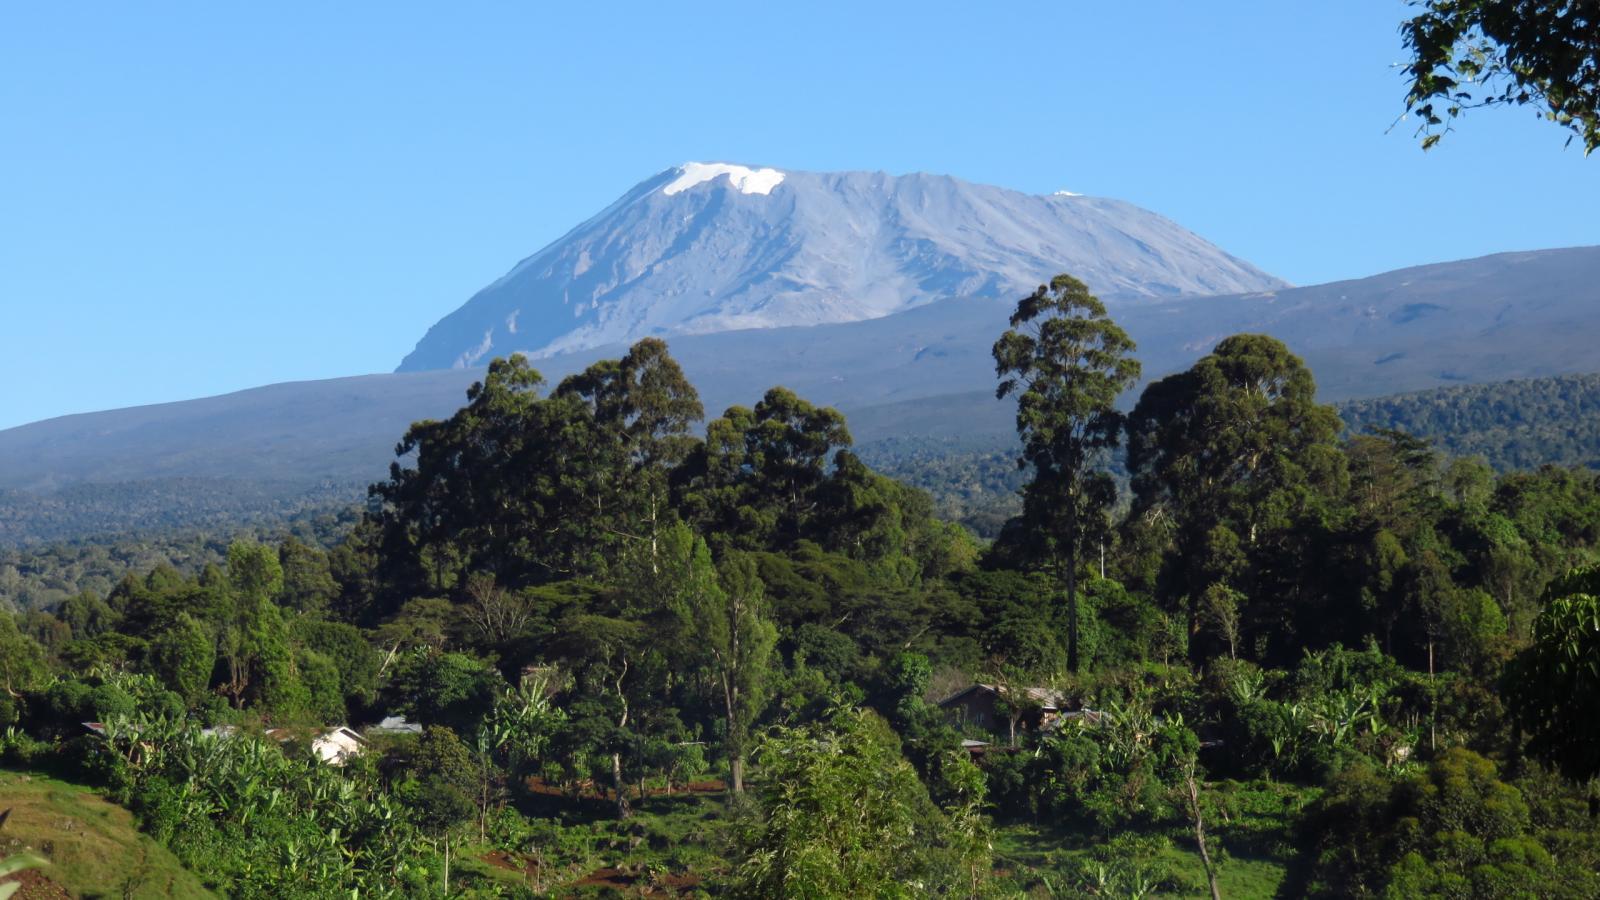 una bella visuale sul Kilimanjaro dal nostro lodge a Marangu (21-8-2014)